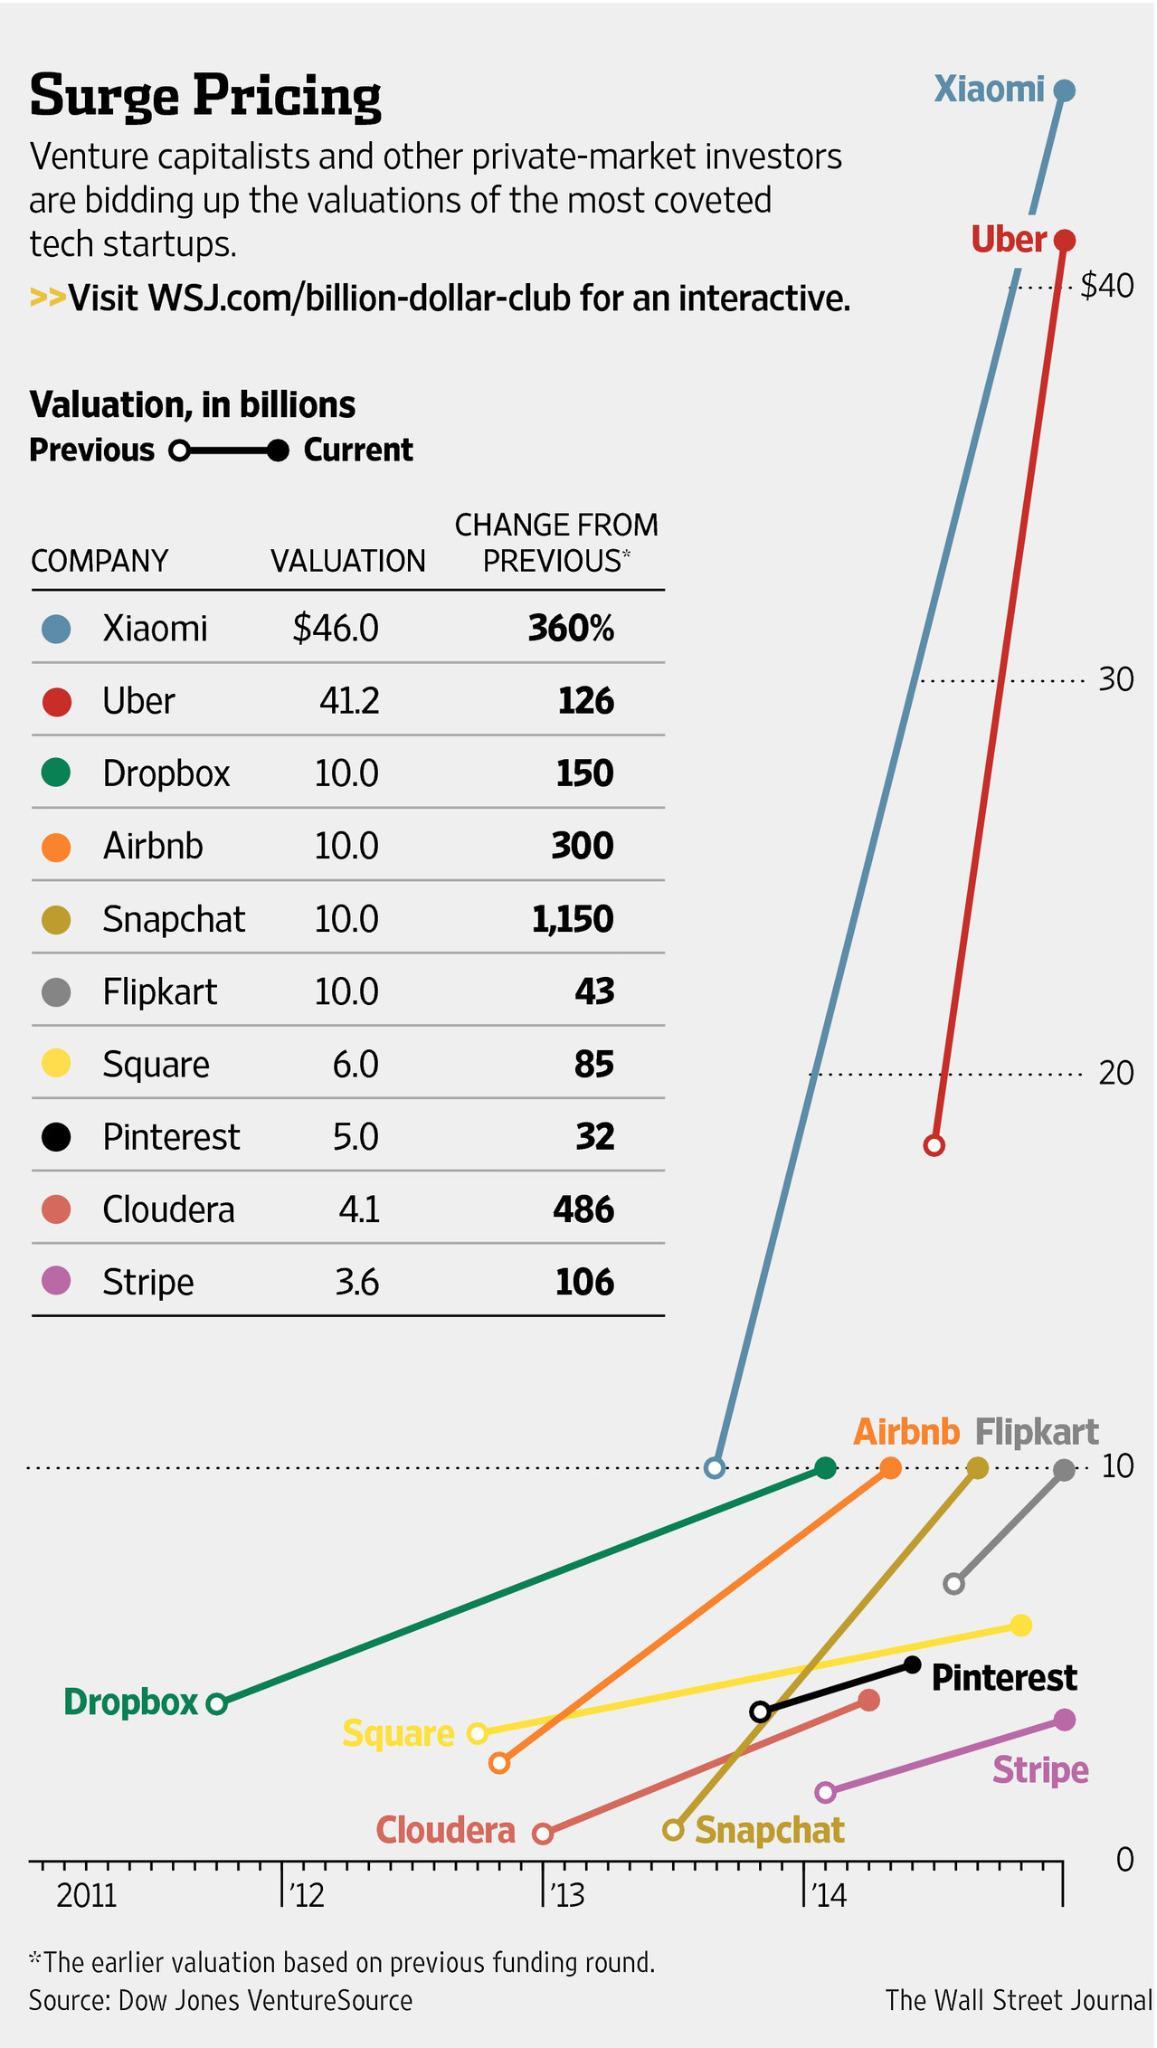 Waarde Xiaomi vergeleken met andere startups, via The Wall Street Journal